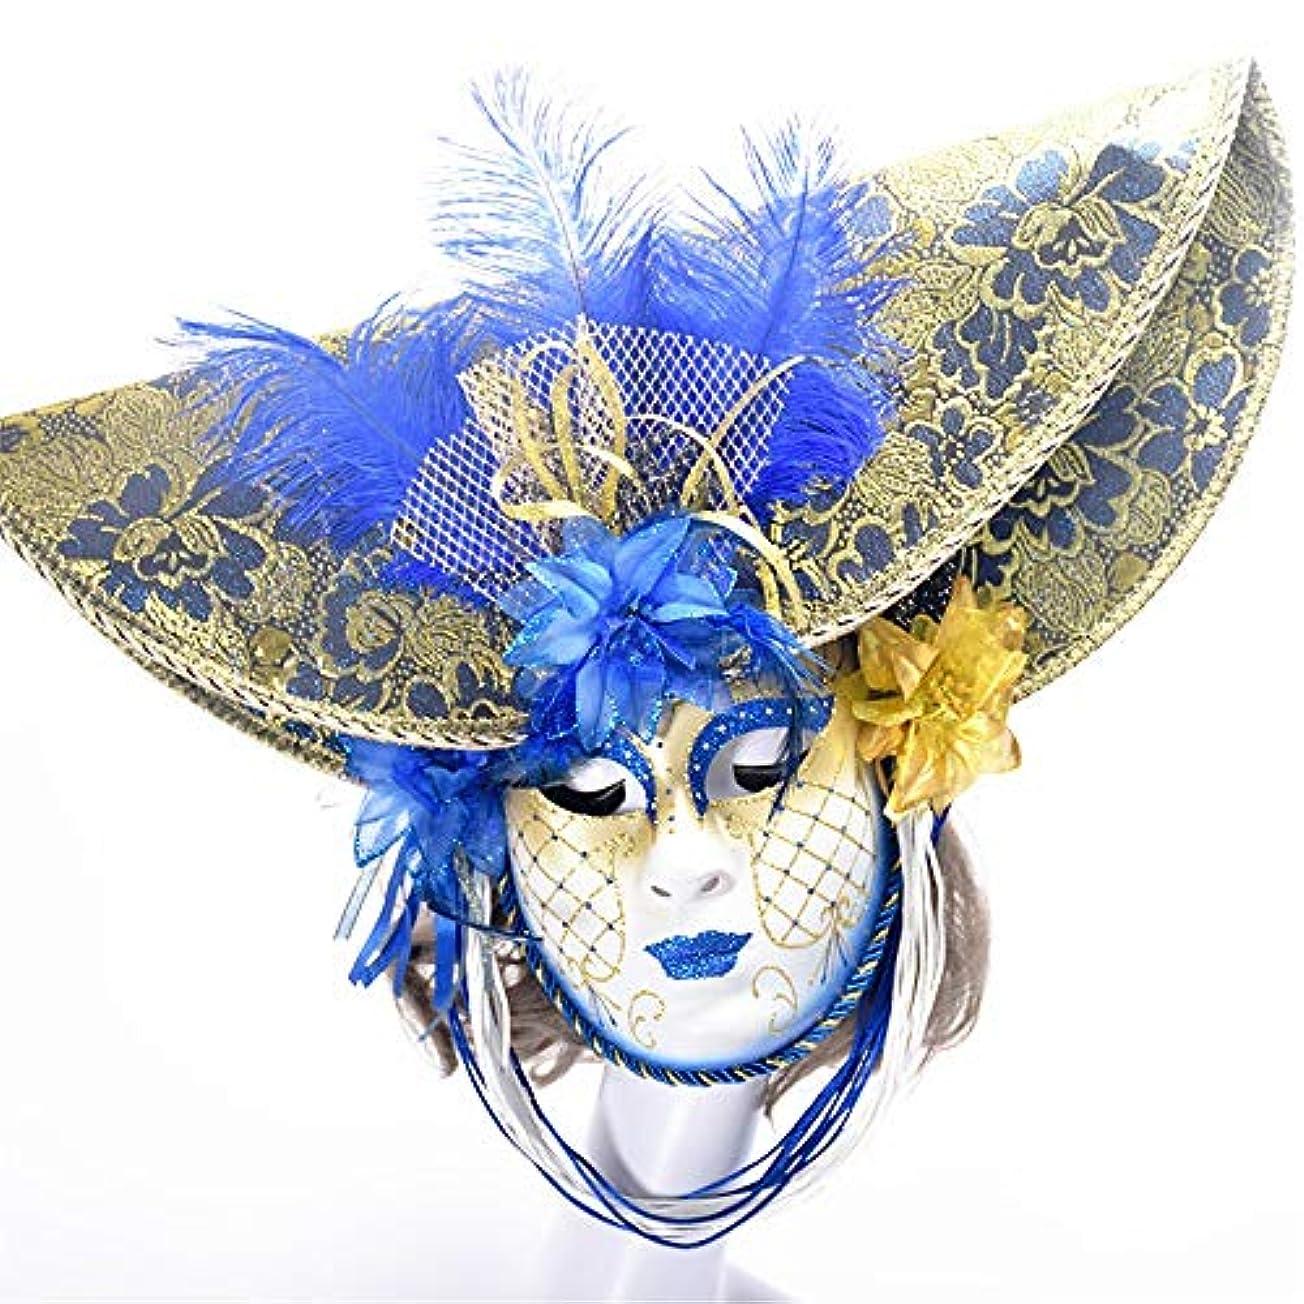 スコットランド人セクタシャベルダンスマスク 手描きフルフェイスマスク大人仮装パーティーブルーフェイスナイトクラブパーティーフェスティバルロールプレイングプラスチックマスク ホリデーパーティー用品 (色 : 青, サイズ : 55x35cm)